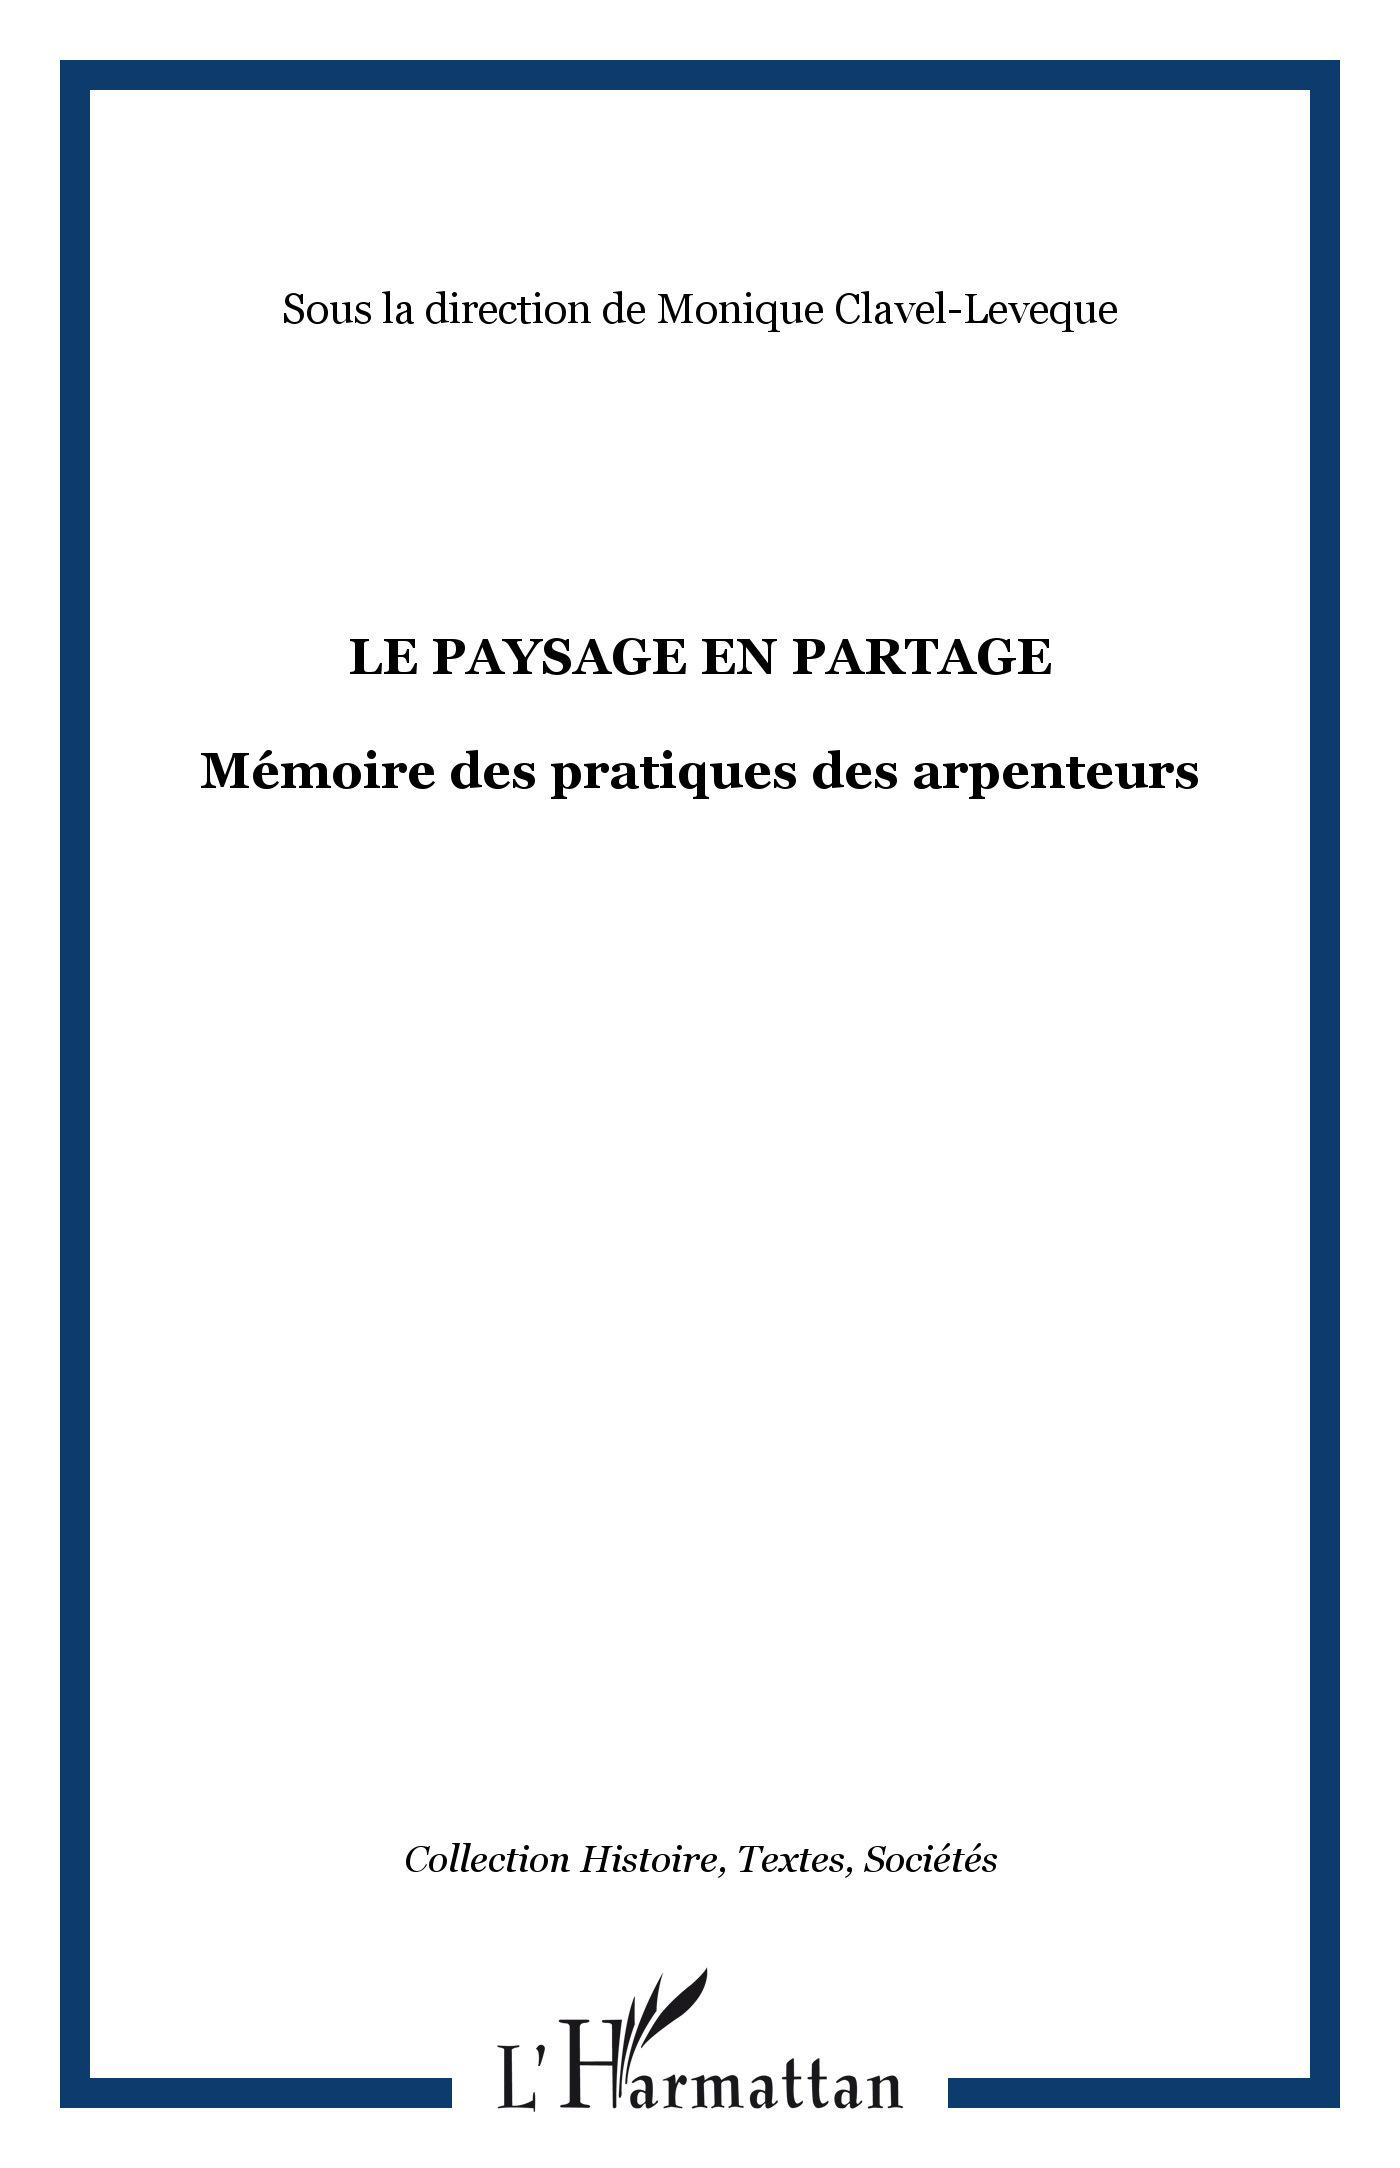 LE PAYSAGE EN PARTAGE - MEMOIRE DES PRATIQUES DES ARPENTEURS